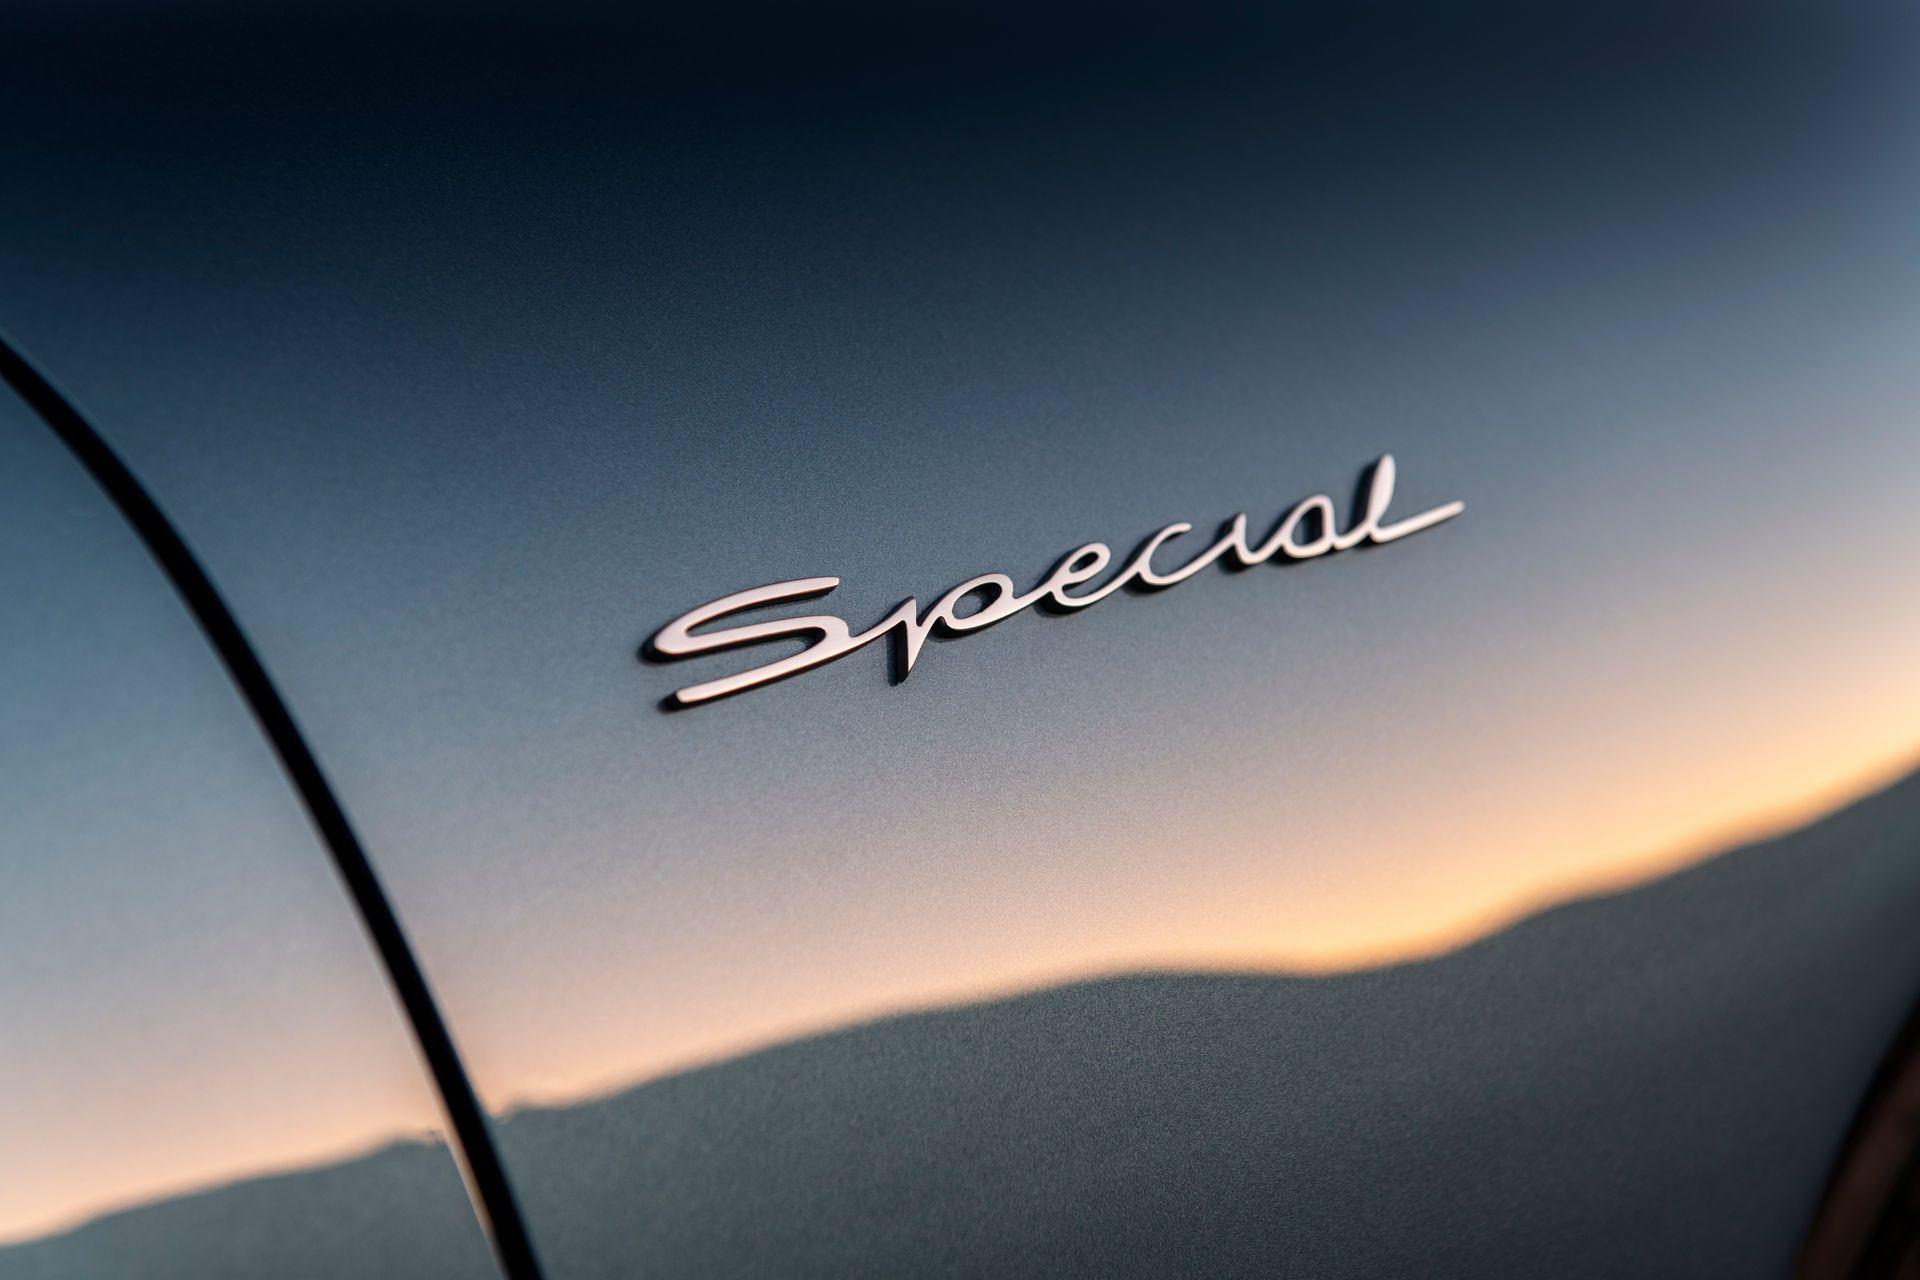 Porsche-356-A-Coupe-Restomod-Emory-Motorsports-53